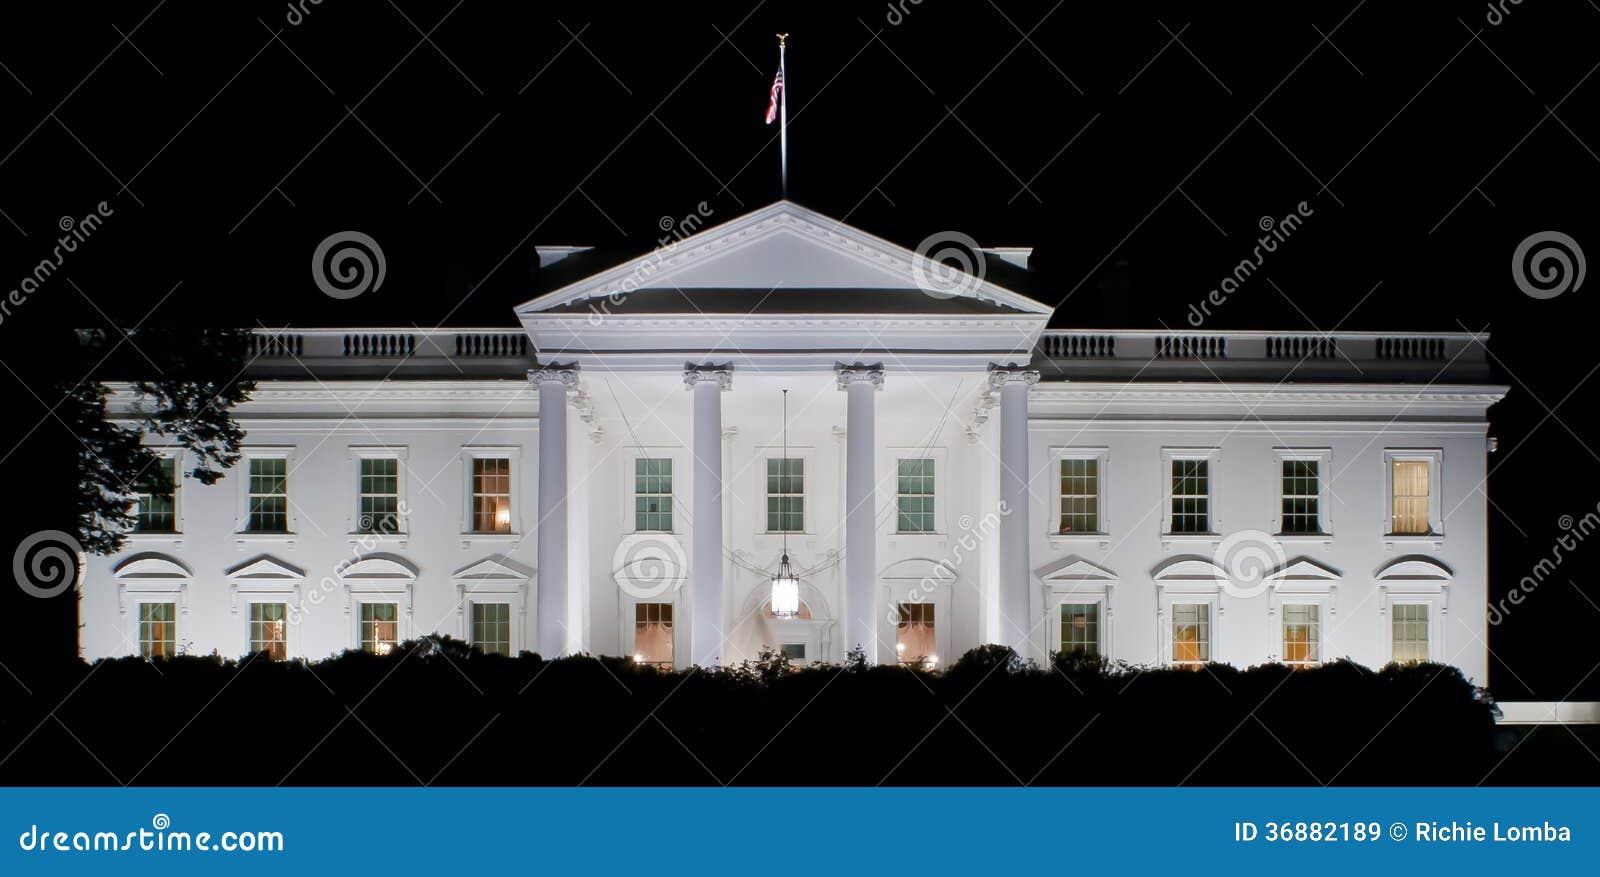 Download La Casa Bianca immagine stock. Immagine di americano - 36882189